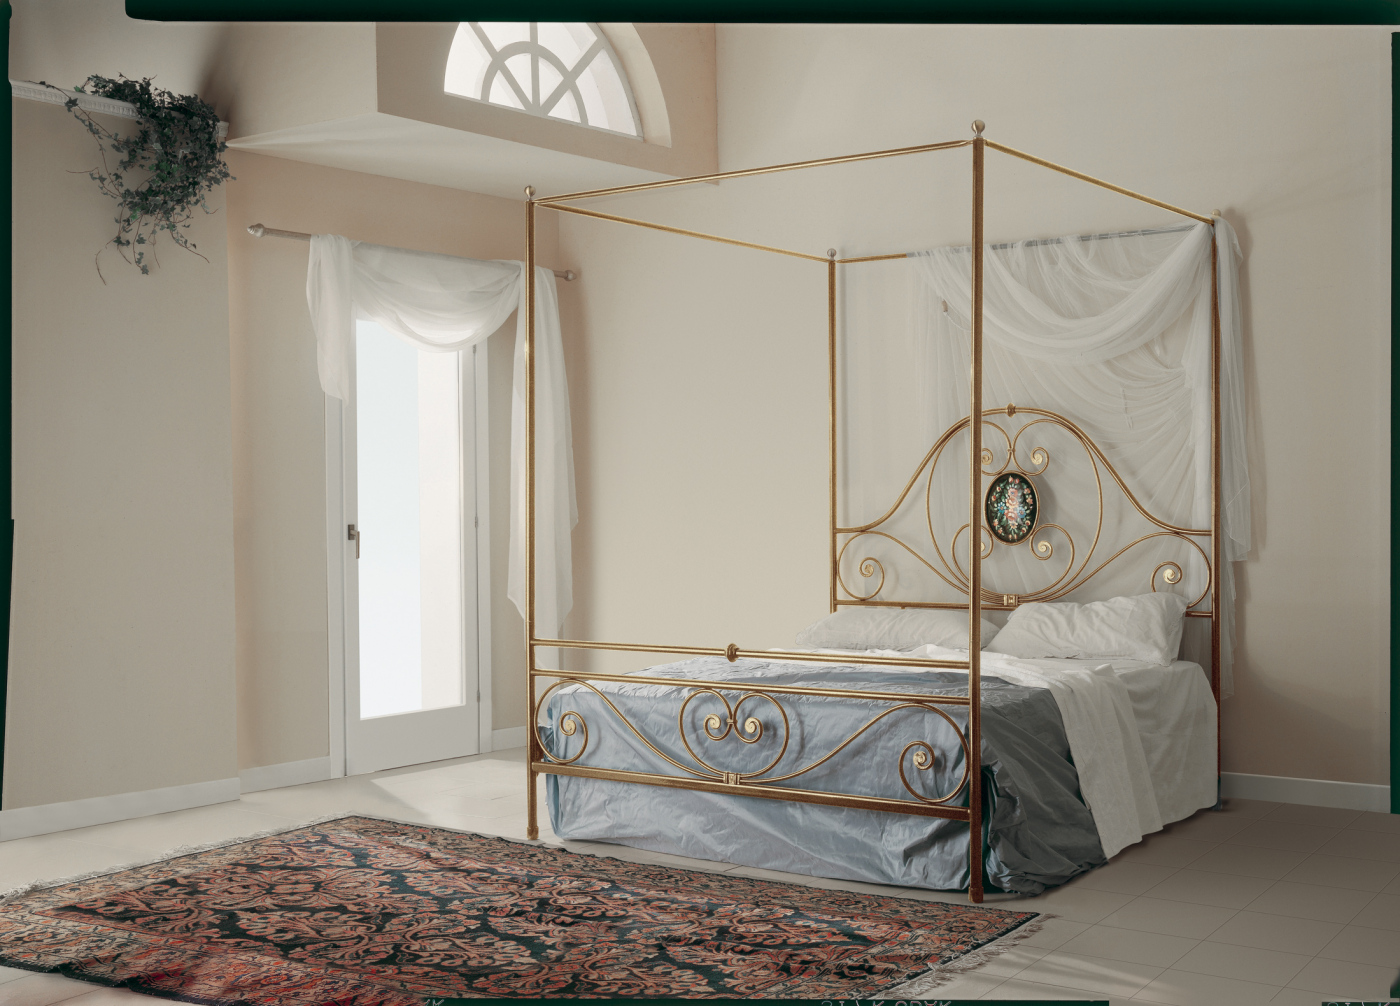 Letti in stile classico l 39 eleganza in camera da letto - Casa stile classico ...